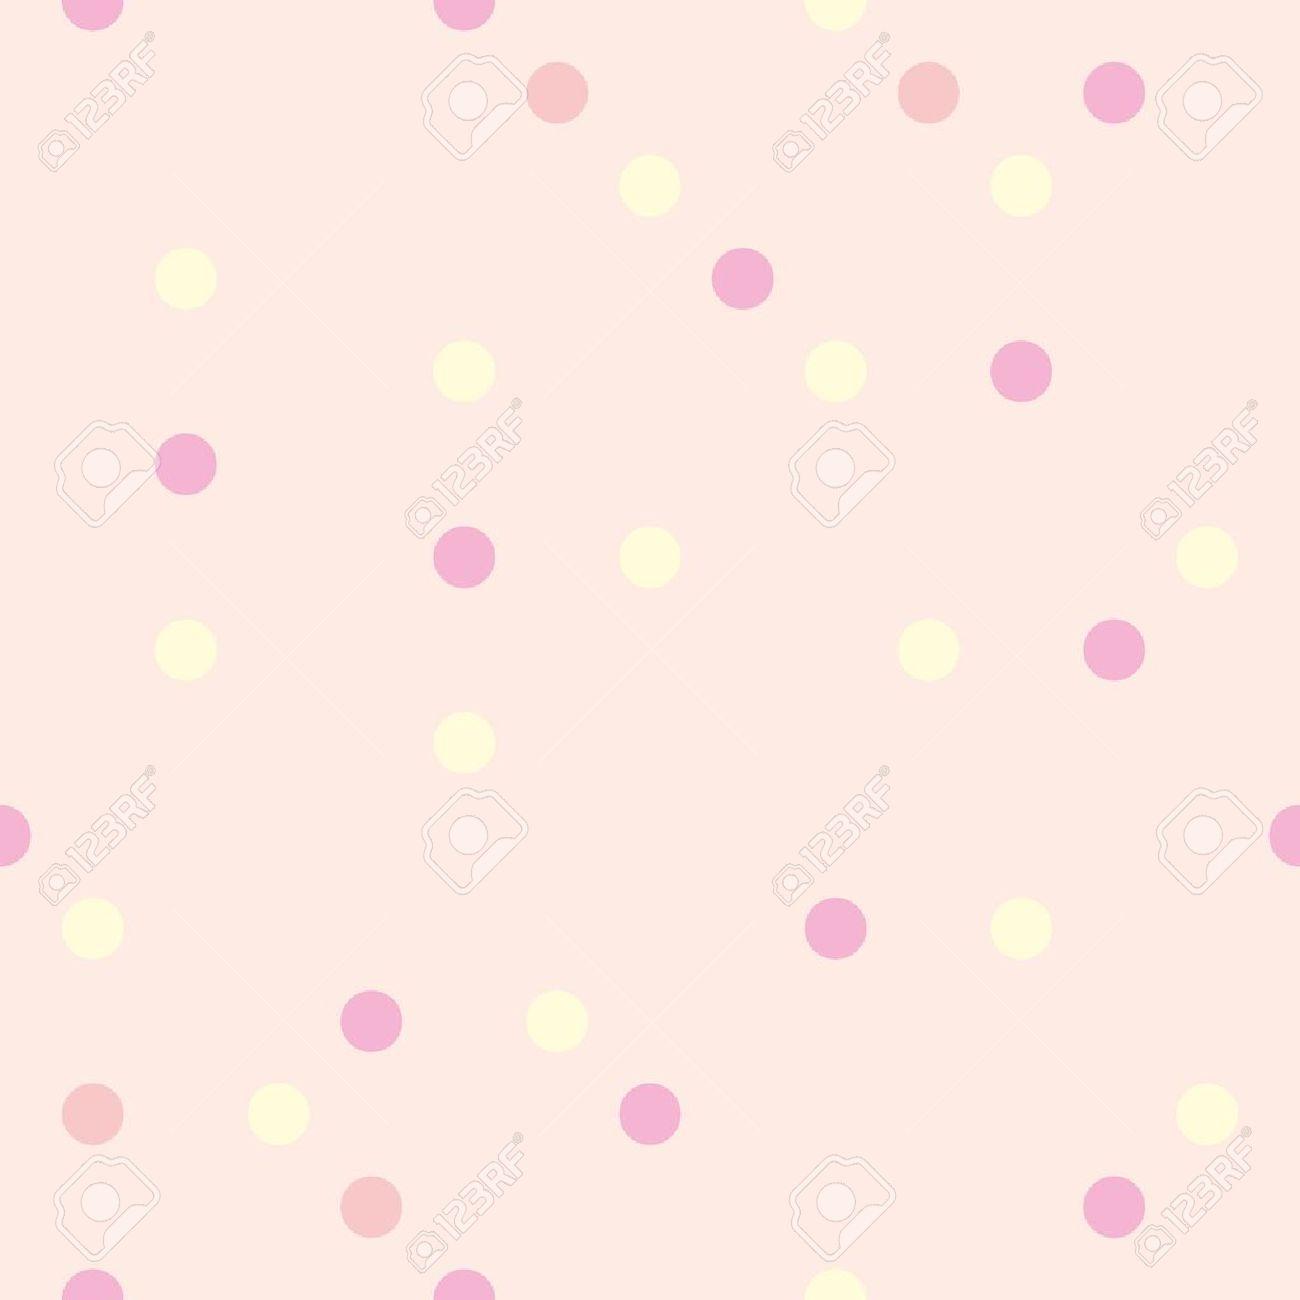 Vettoriale Vettore Sfondo Colorato Di Giallo Rosso E Rosa Pois Su